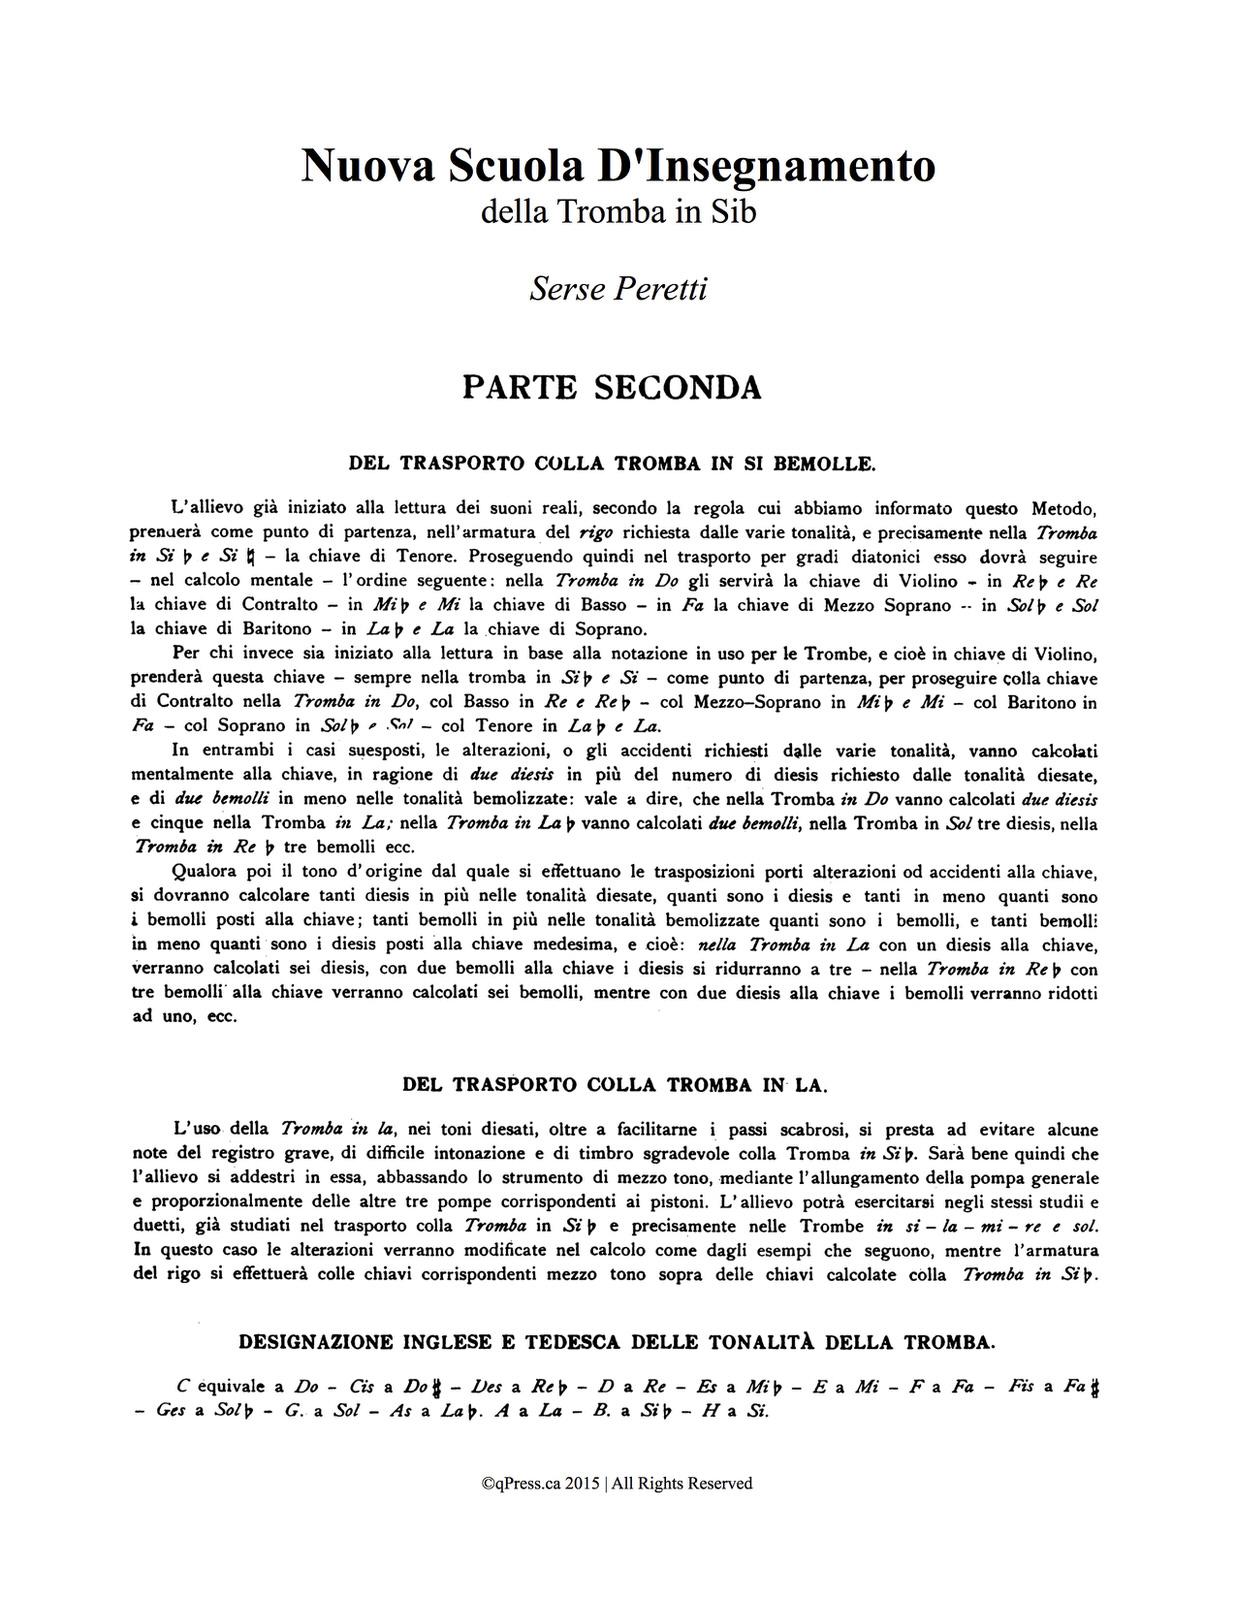 Peretti, Nuova Scuola D'Insegnamento Vol 2 2